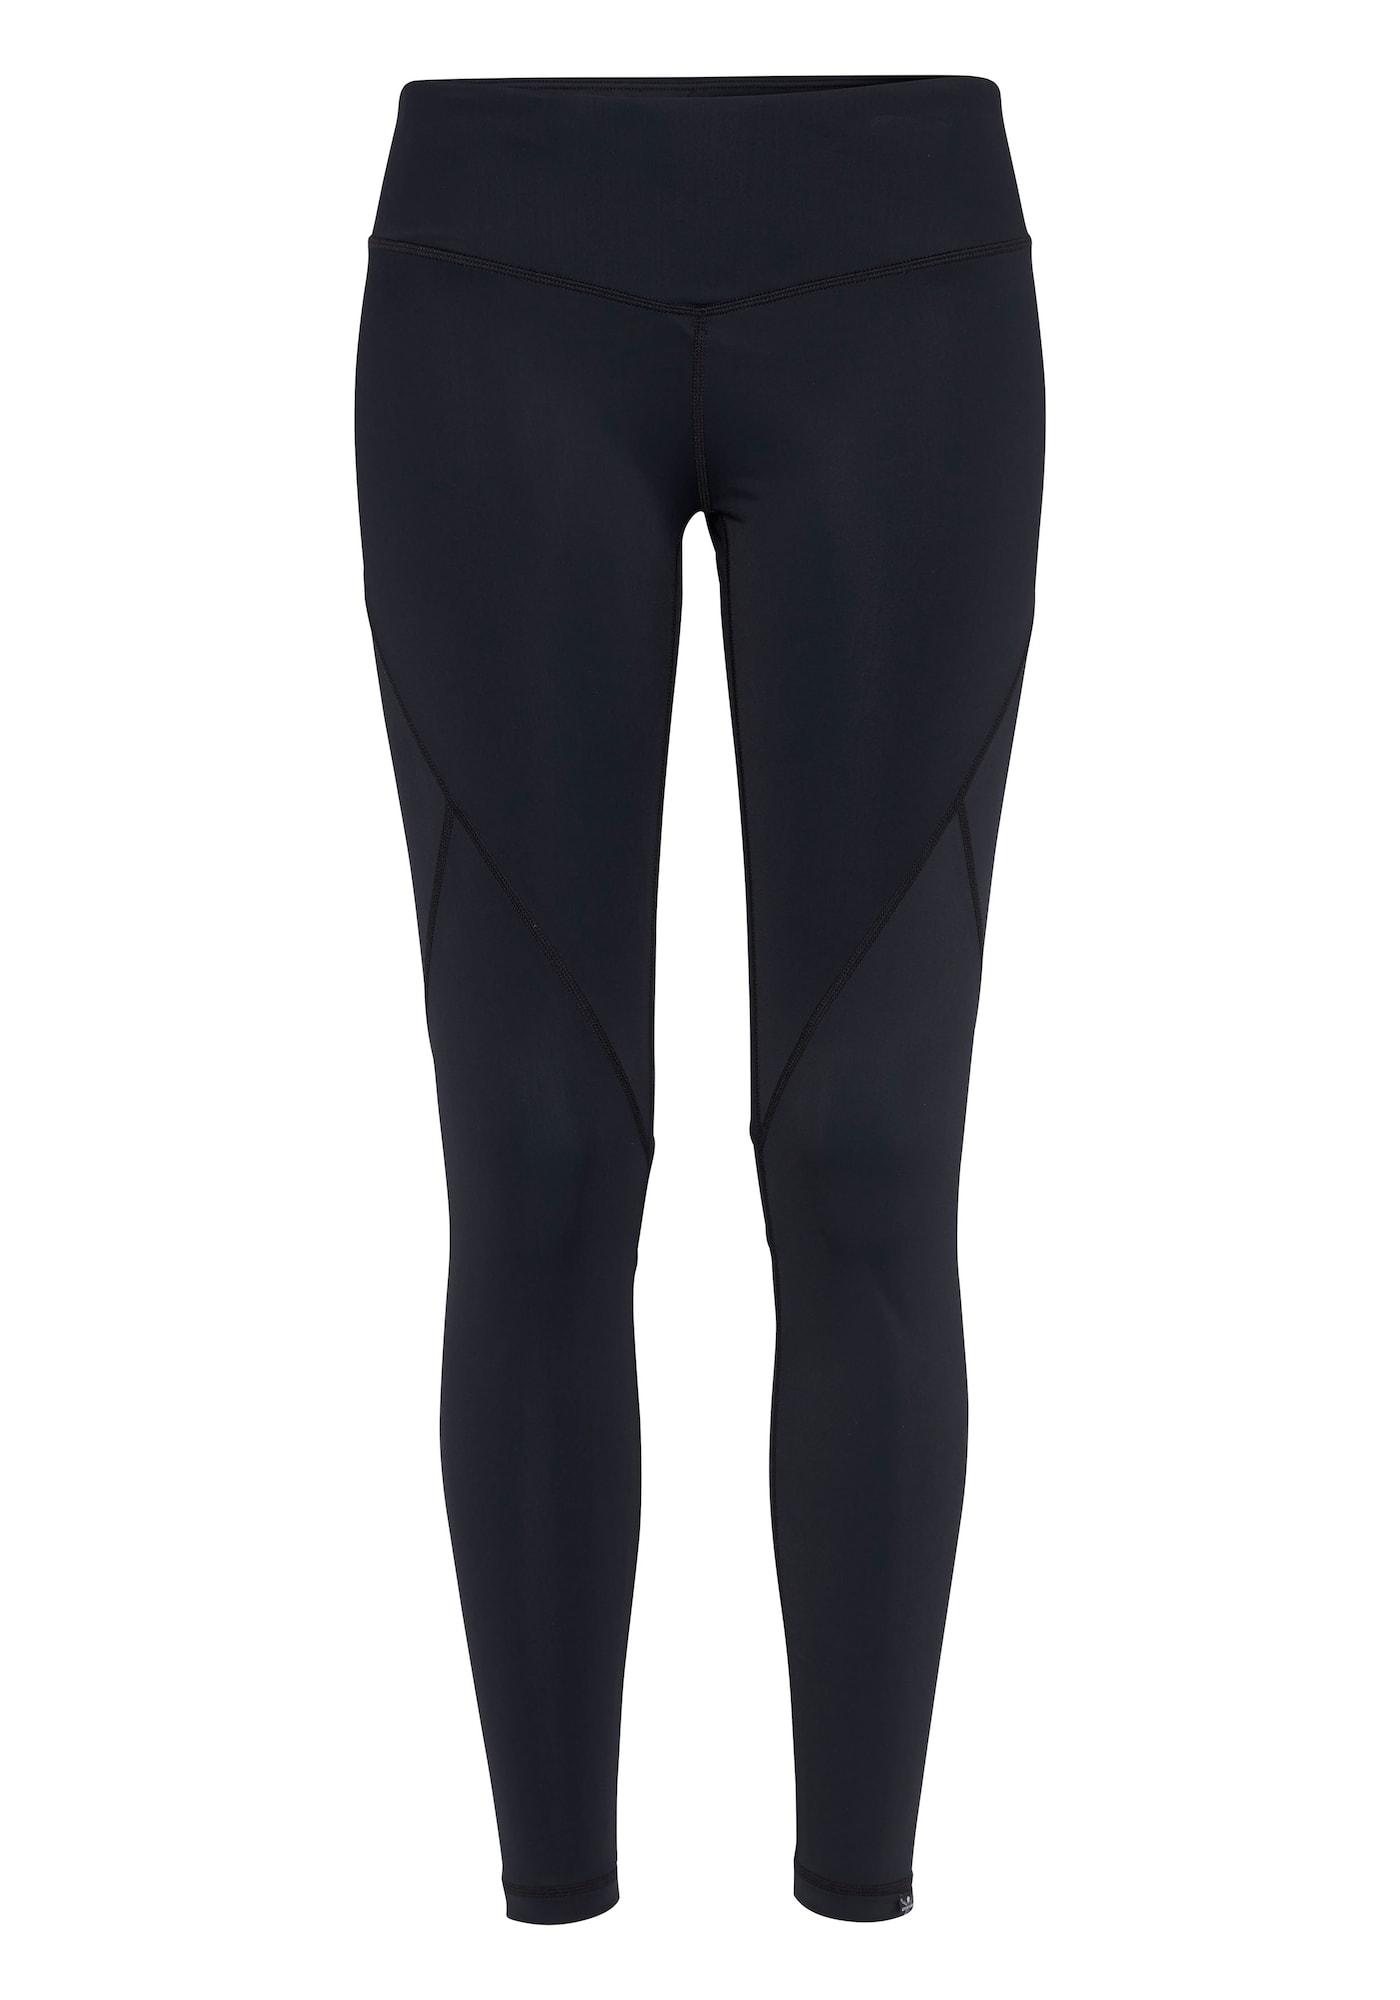 CHIEMSEE Sportinės kelnės juoda